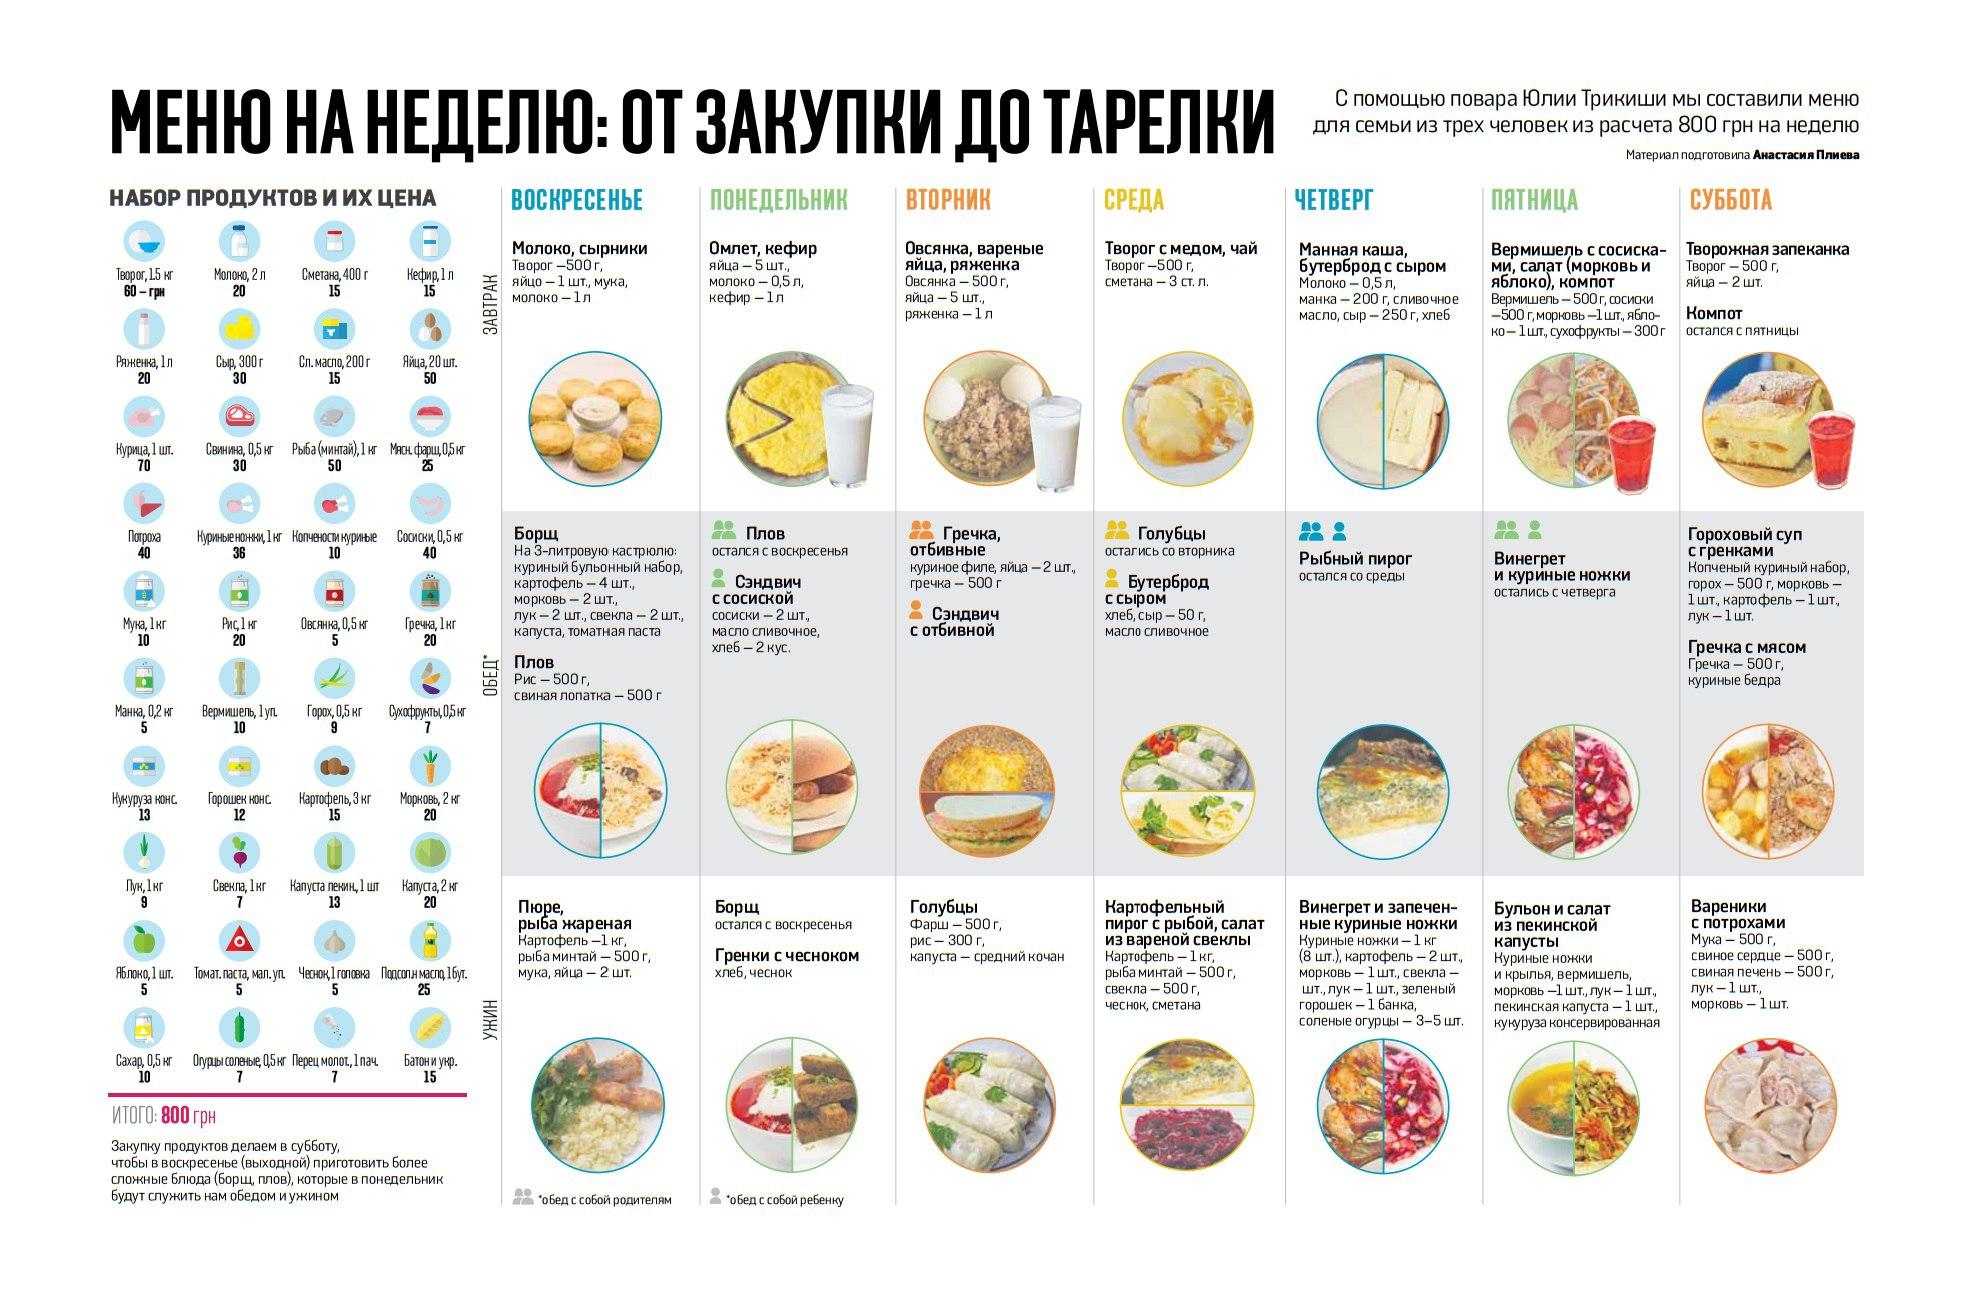 гречневая диета за месяц сколько можно похудеть